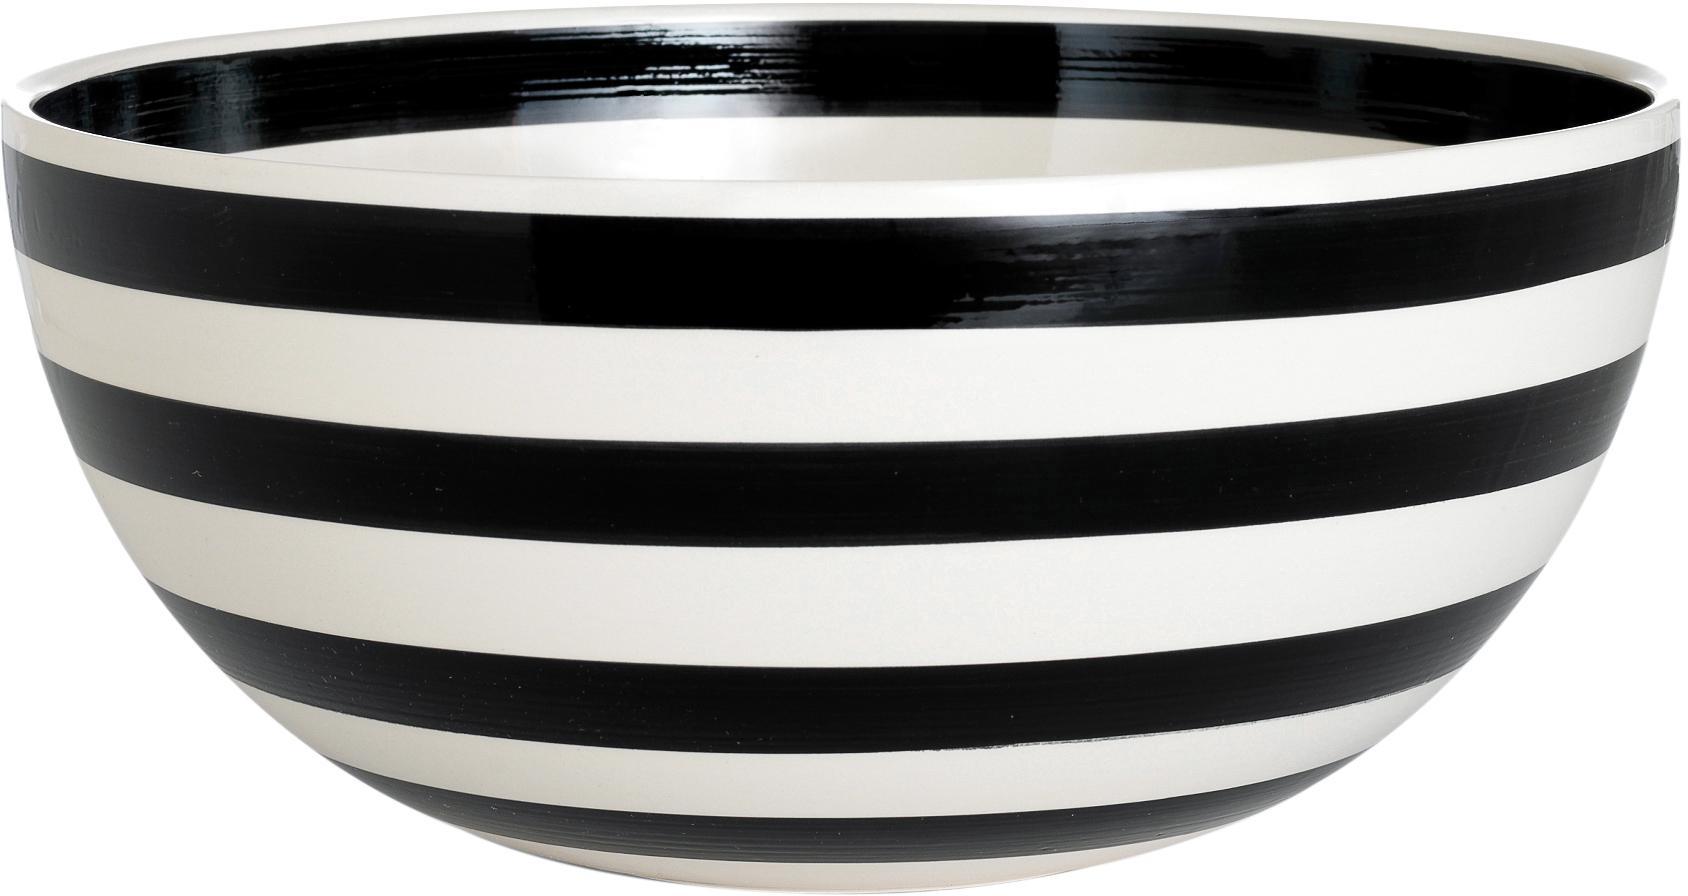 Schüssel Omaggio, Keramik, Schwarz, Weiss, Ø 30 x H 14 cm